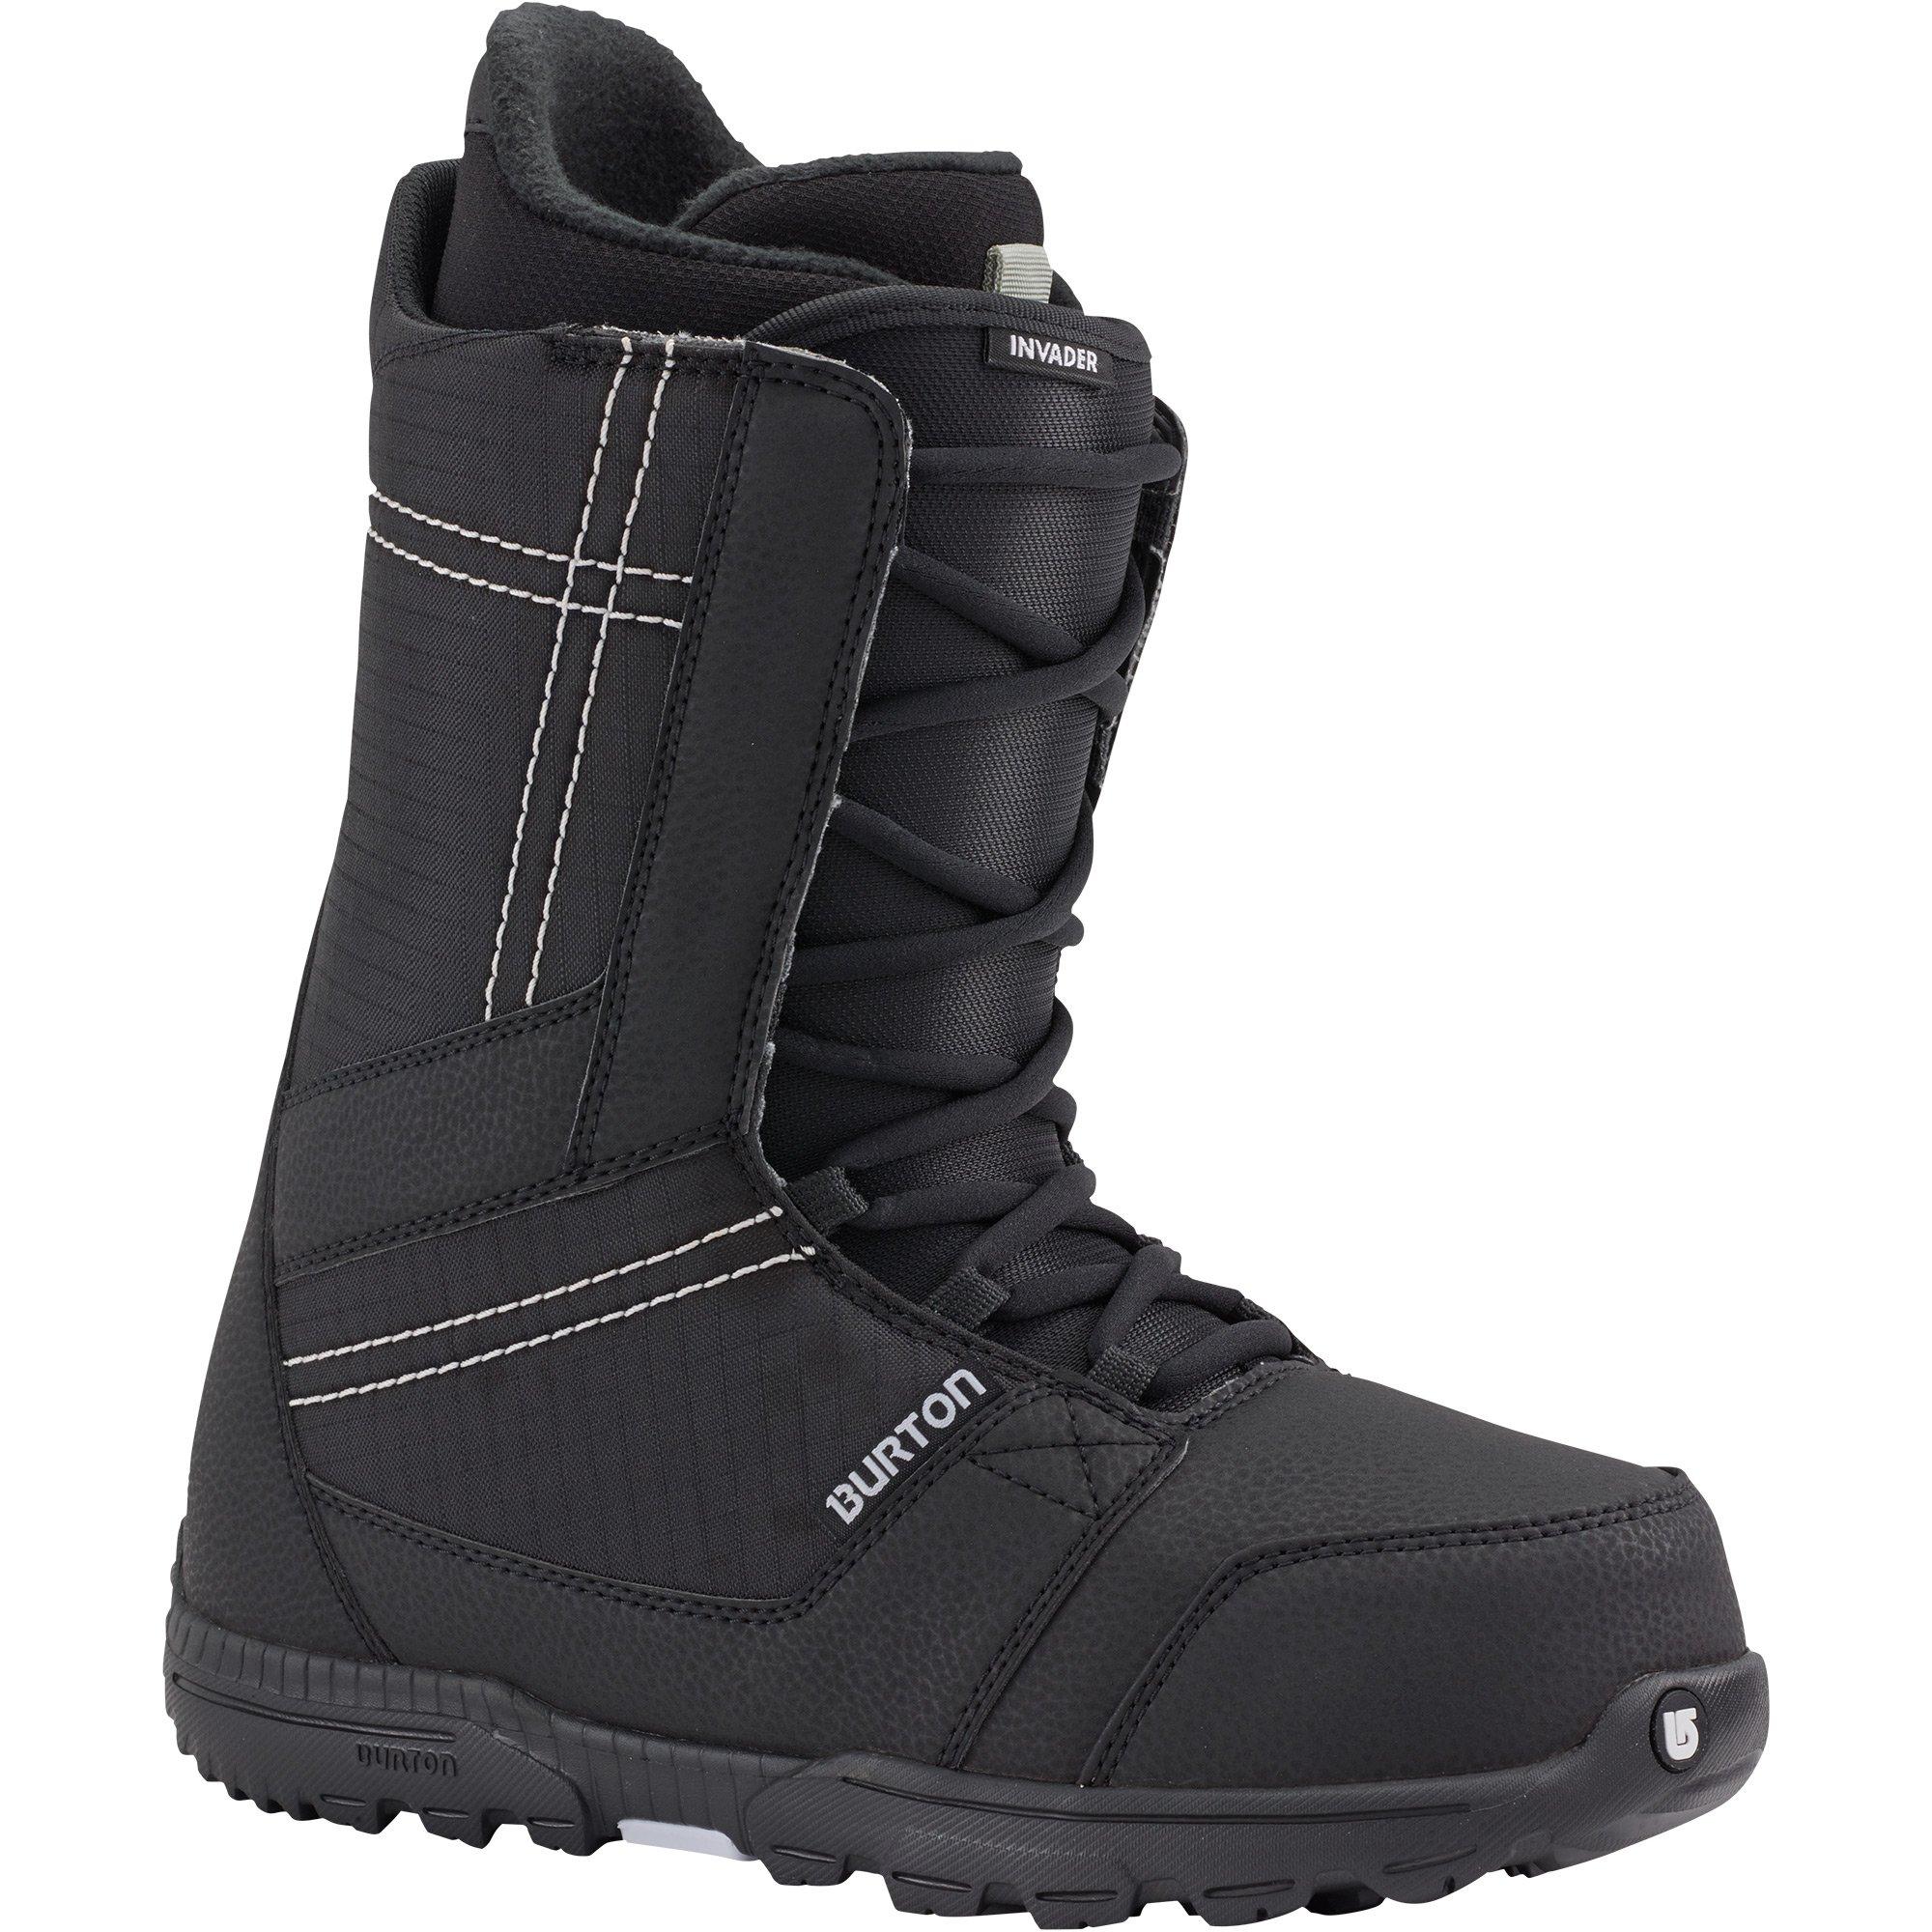 Burton - Mens Invader Snowboard Boots 2018, Black, 11.5 by Burton